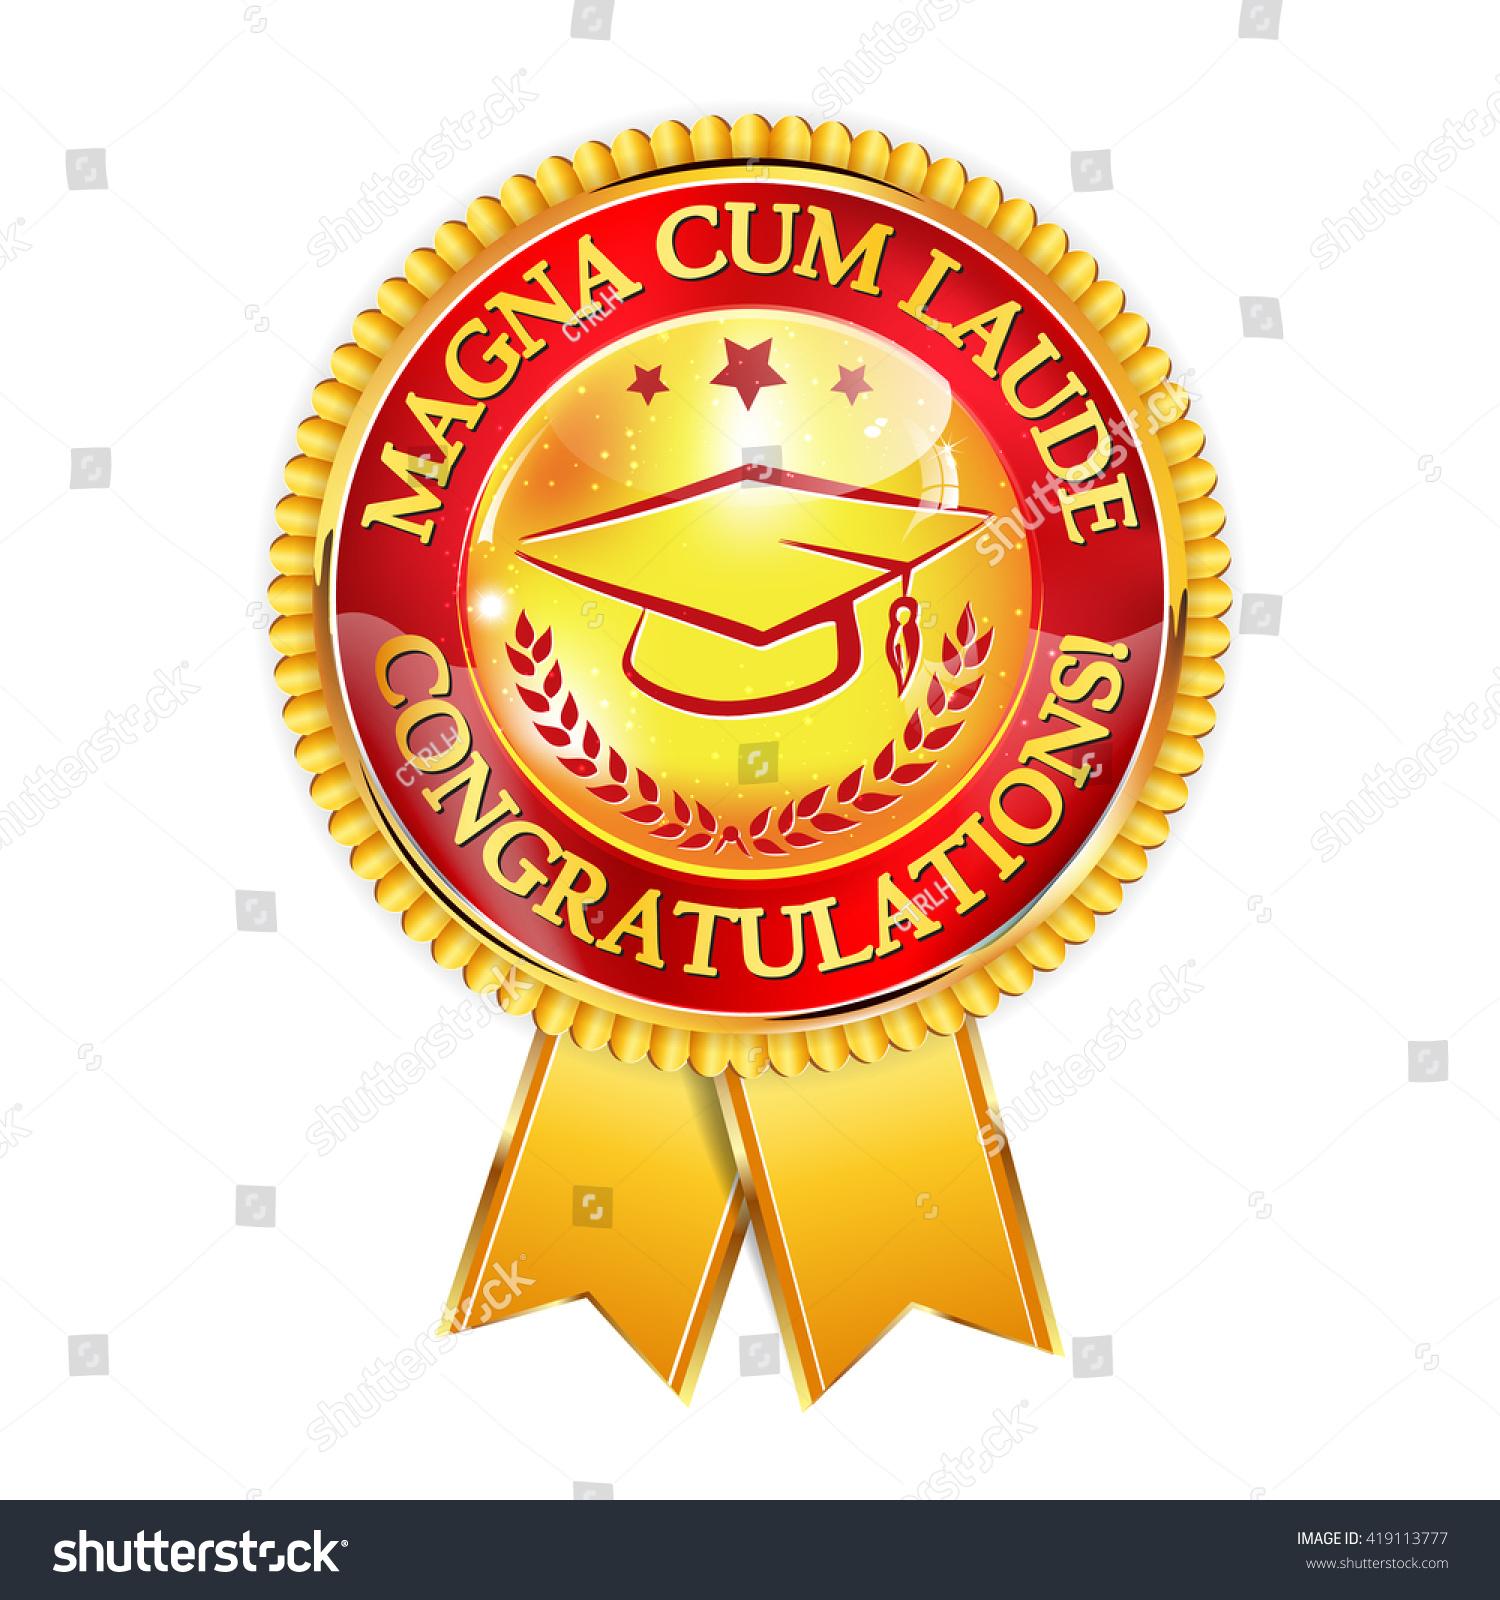 Magna cum laude wikipedia